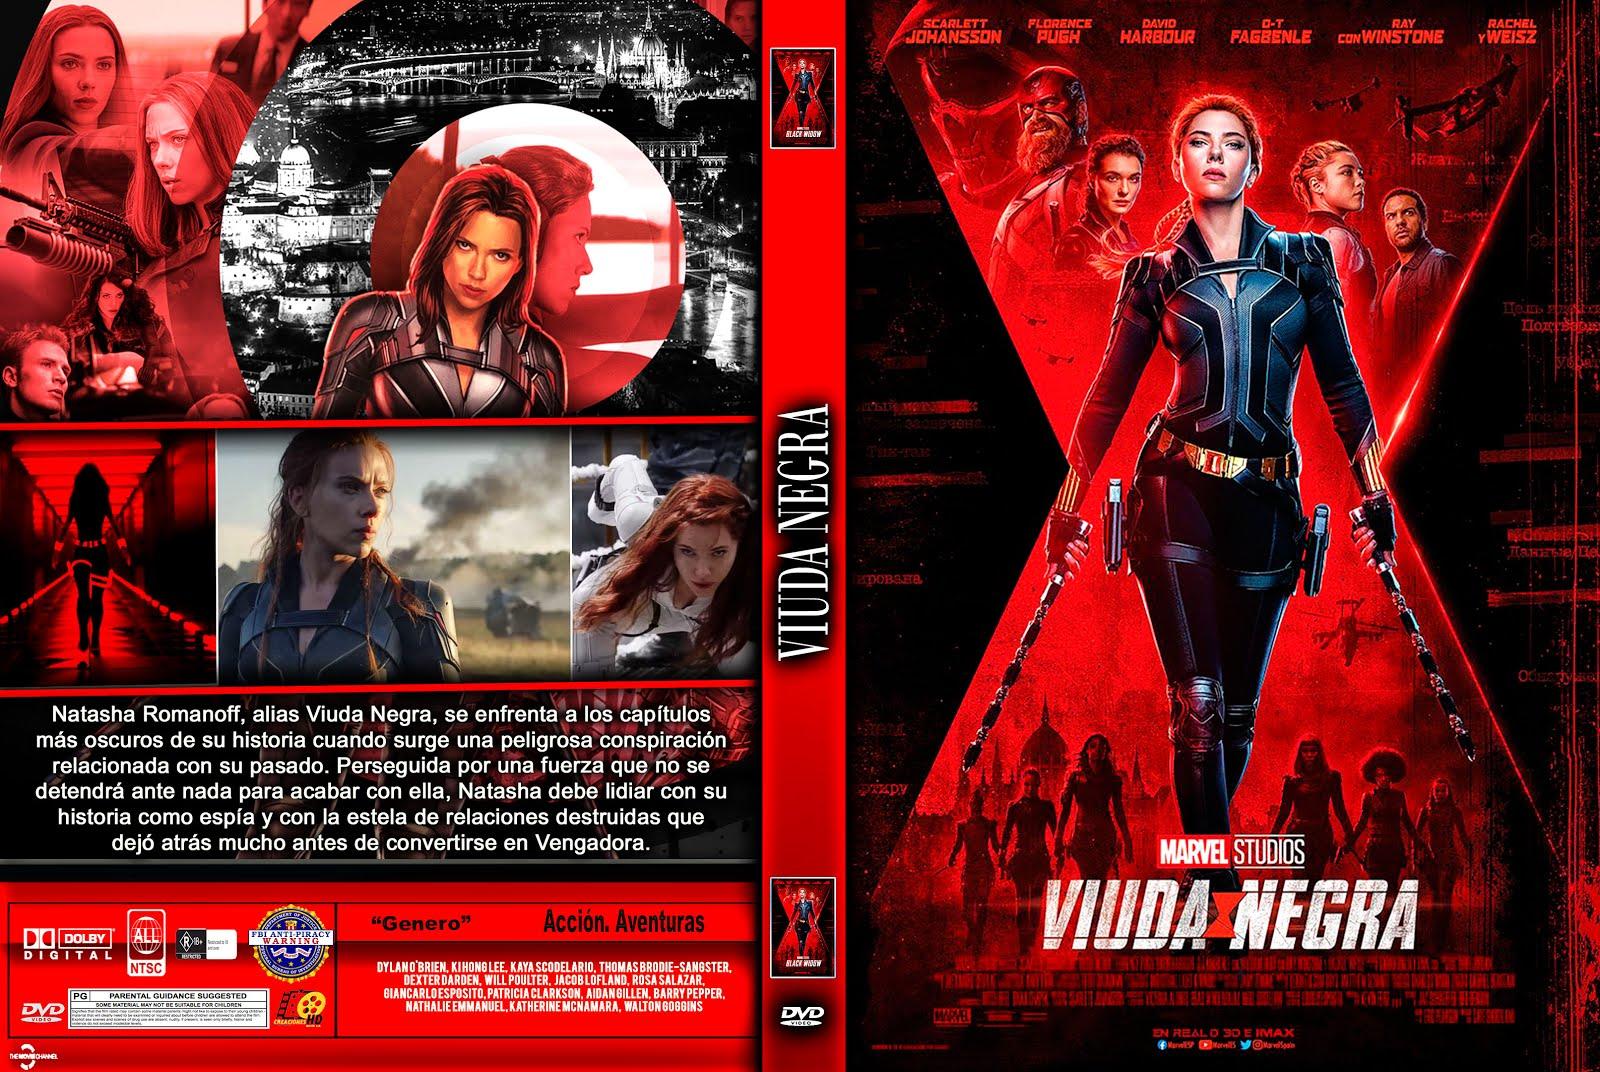 VIUDA NEGRA - Black Widow caratula by creaciones hd